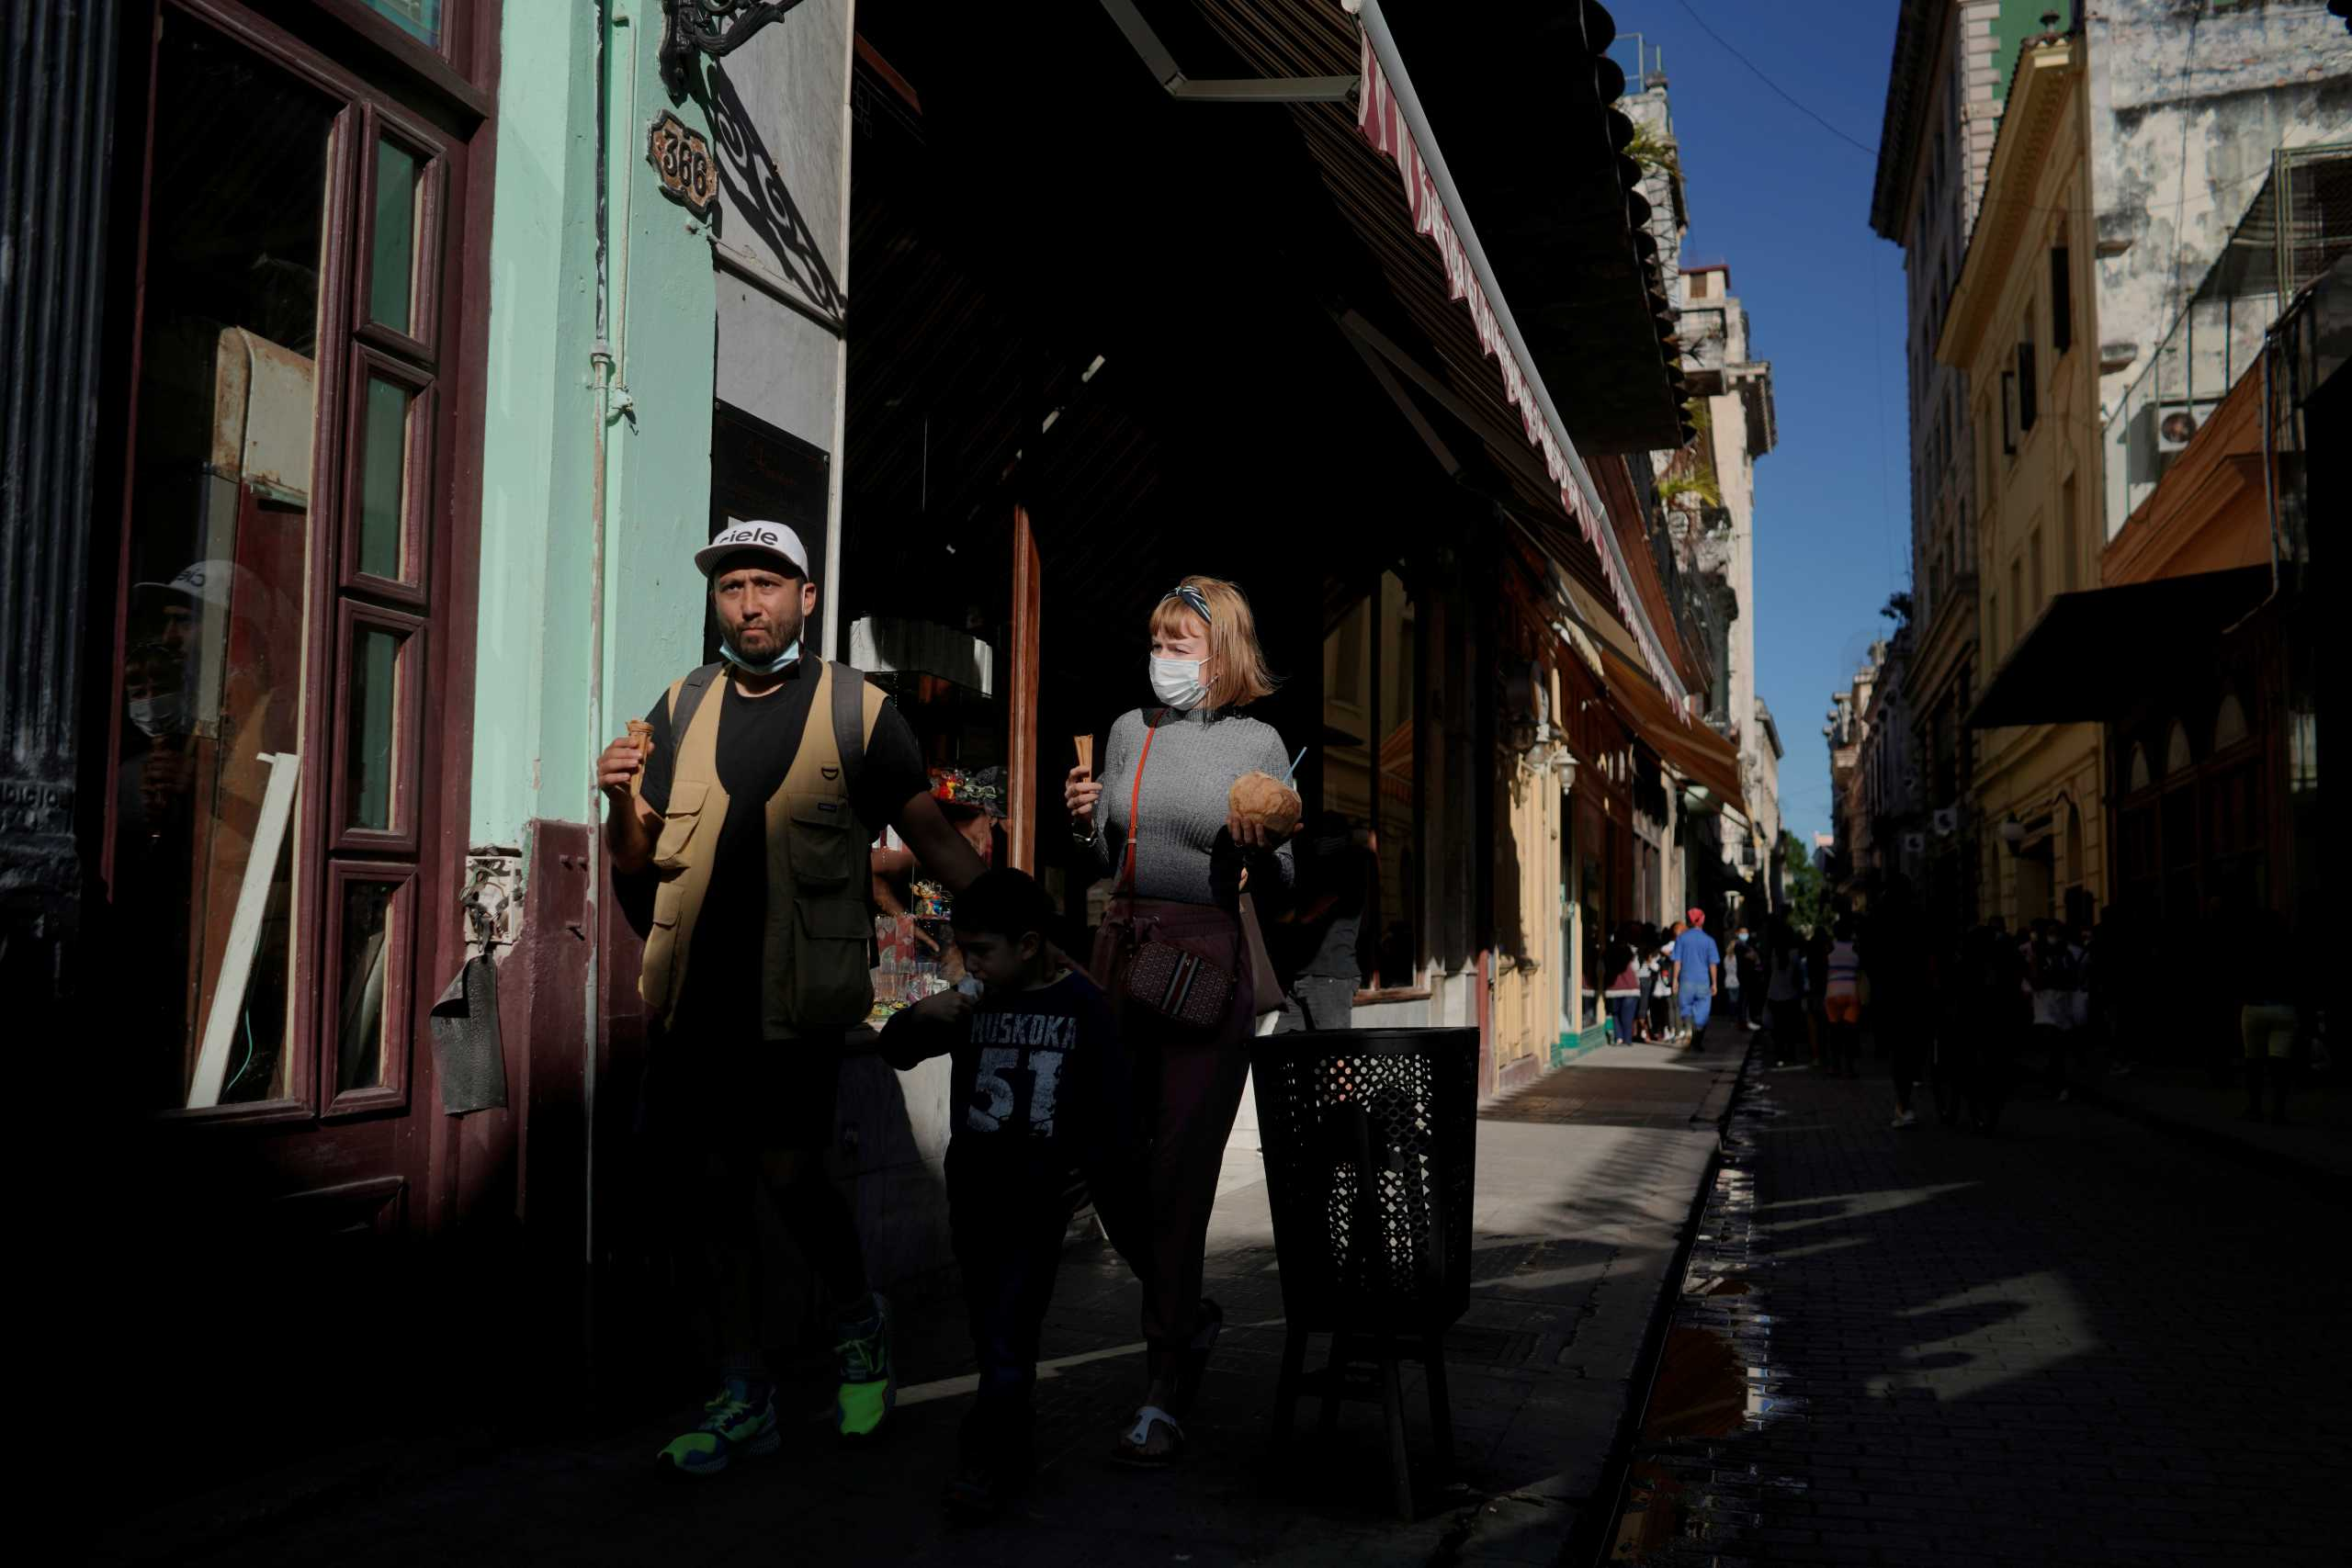 Κούβα: 567 κρούσματα κορονοϊού σε μια μέρα – Η Αβάνα το επίκεντρο της πανδημίας